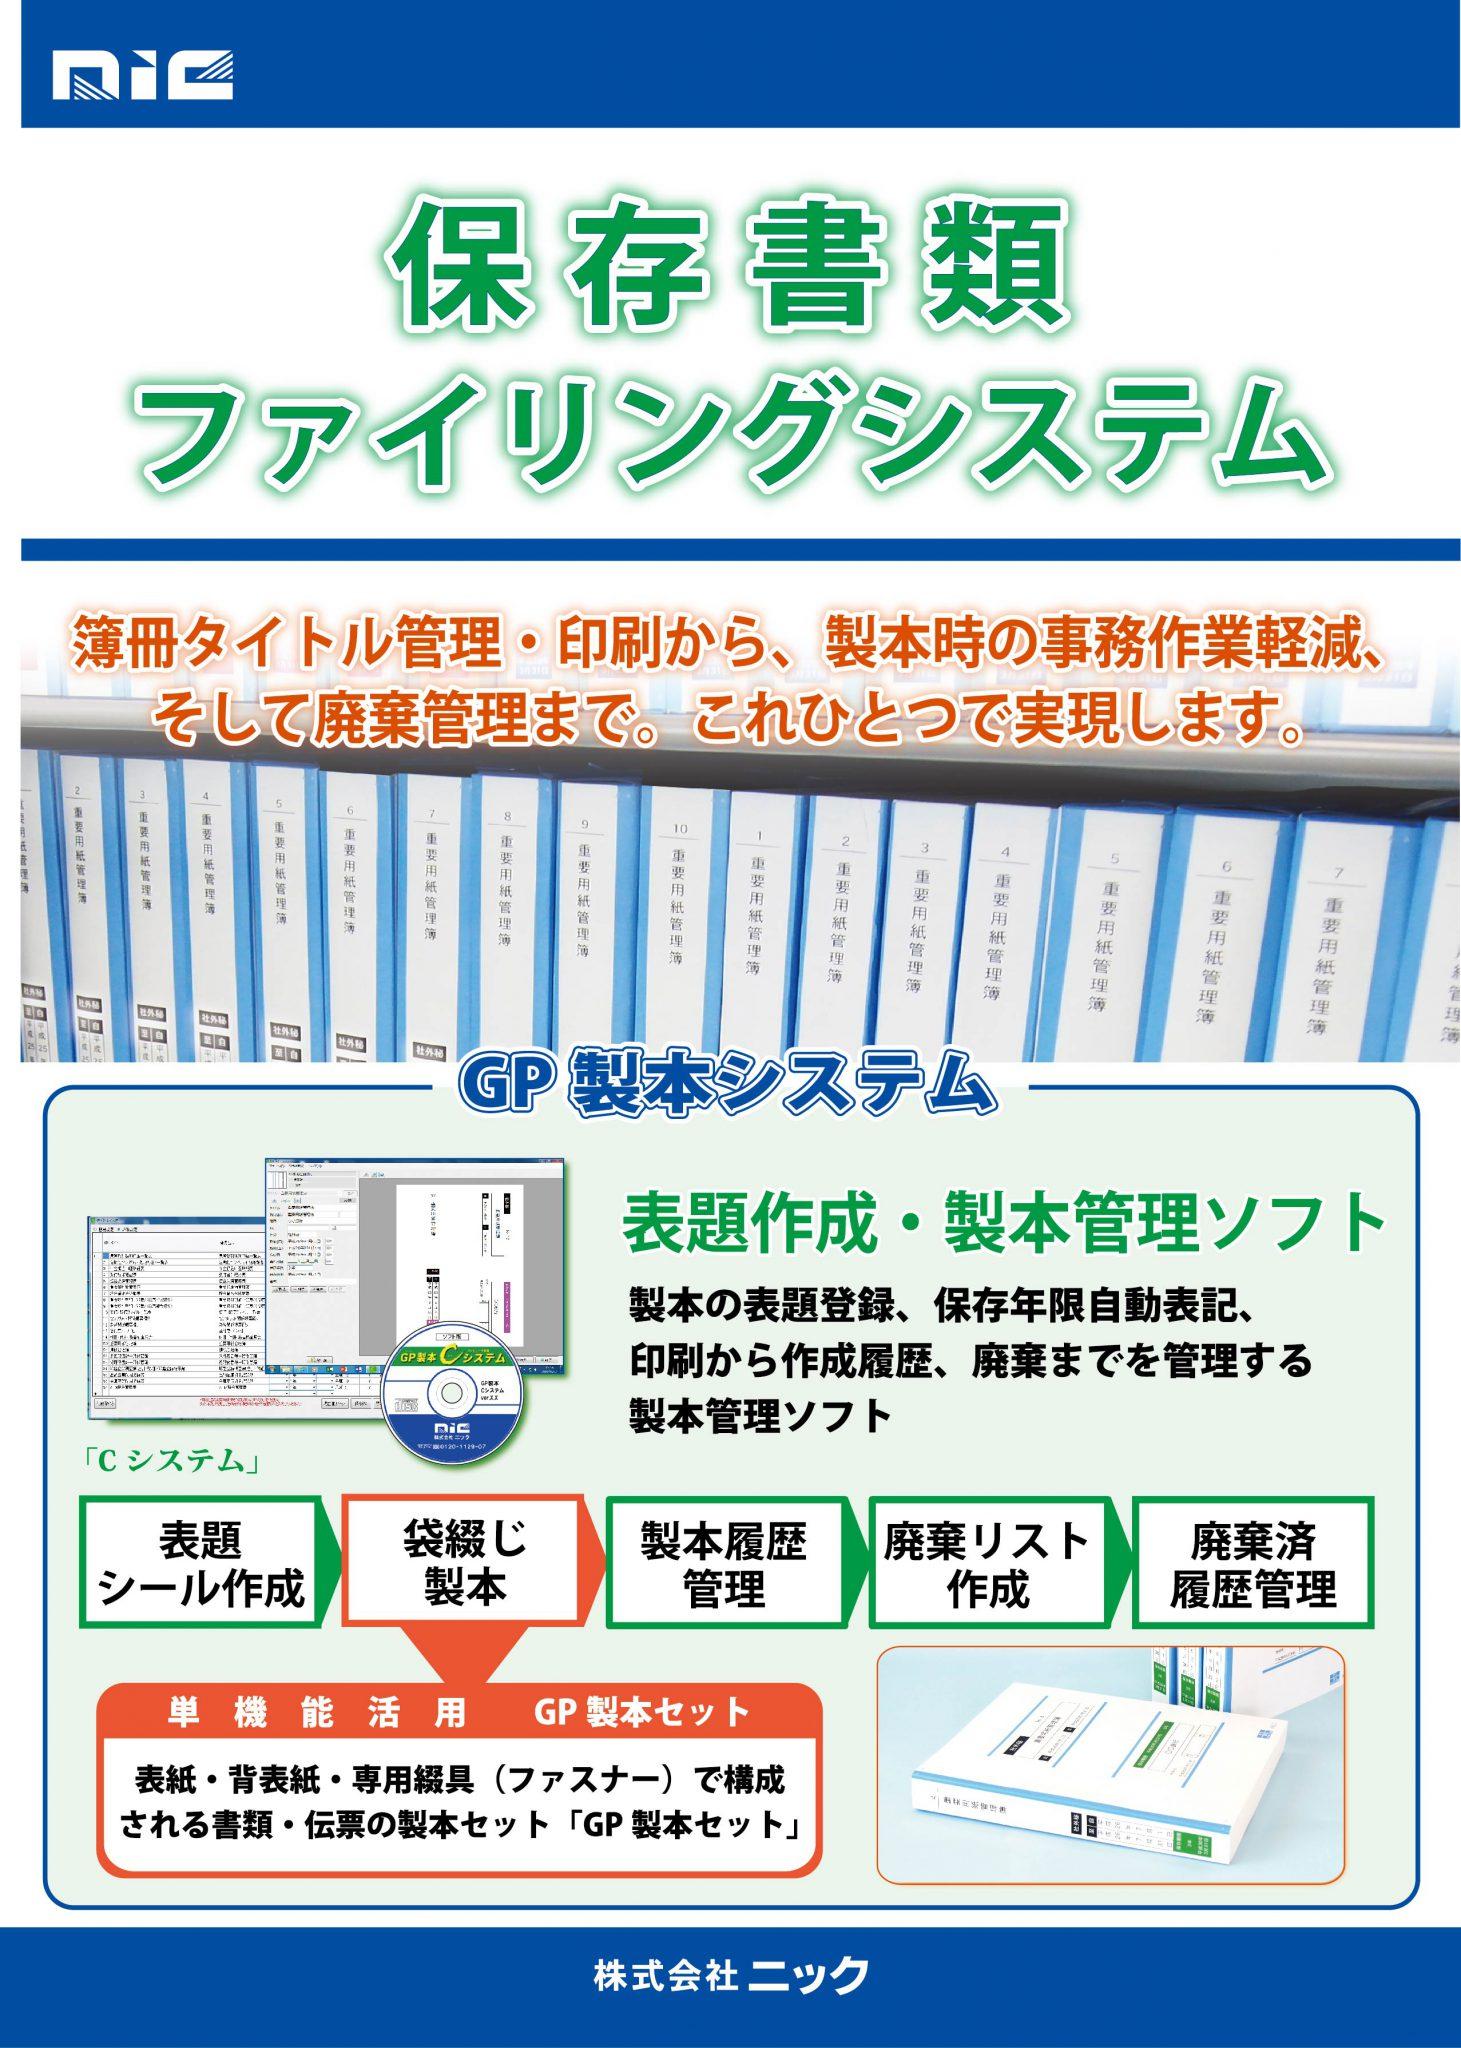 【金融機関様向け】保存書類ファイリングシステム